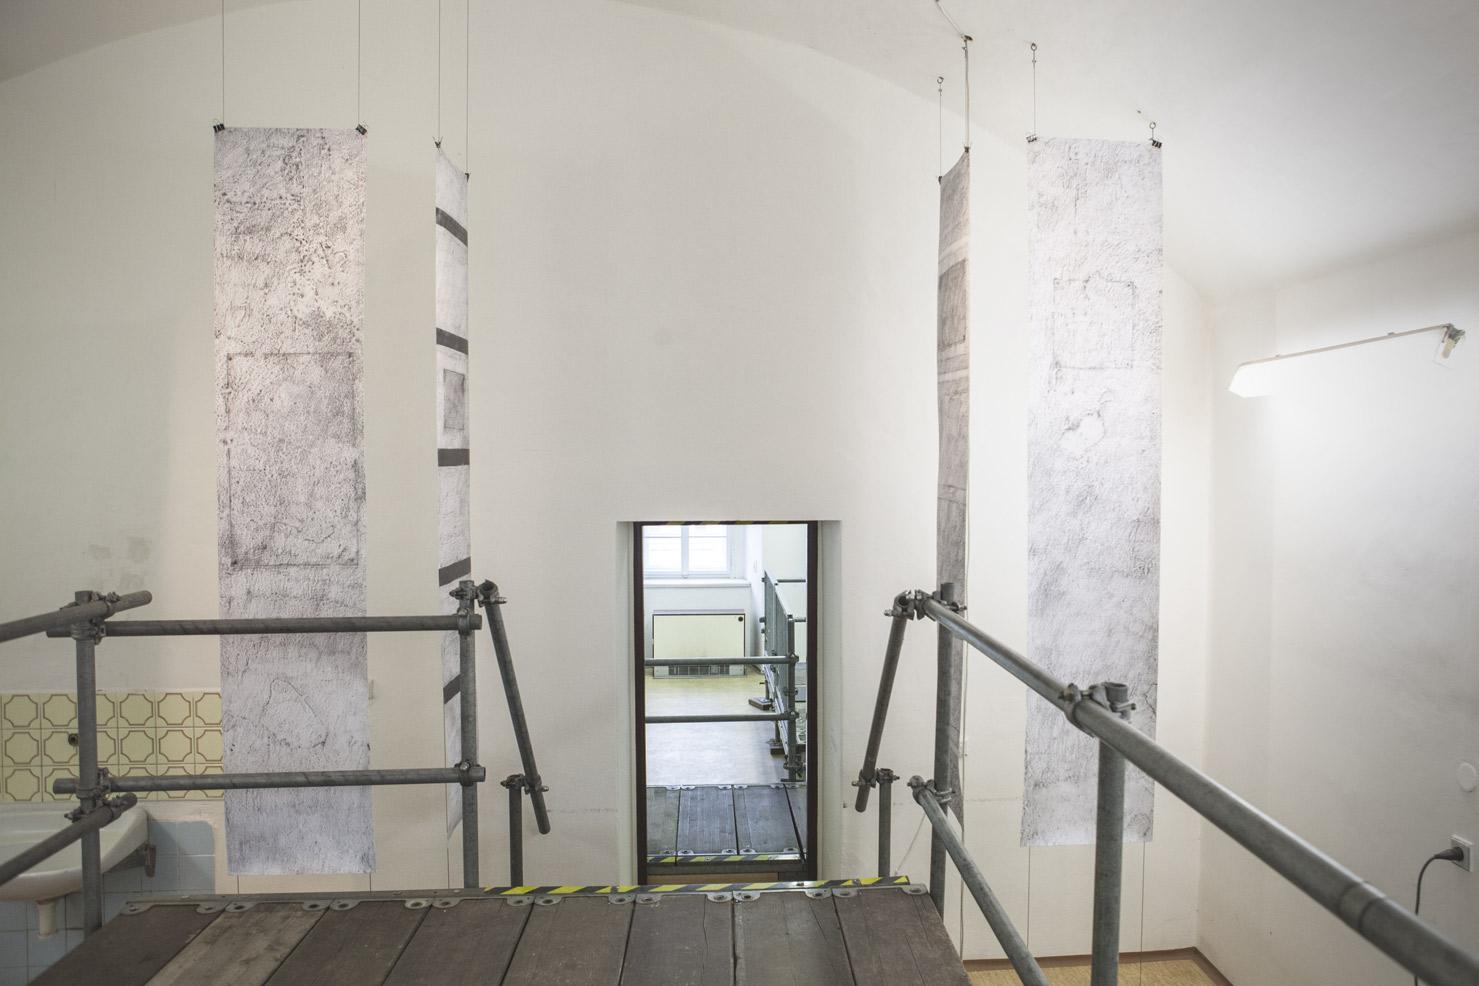 Výstava pro Kasárna Karlín